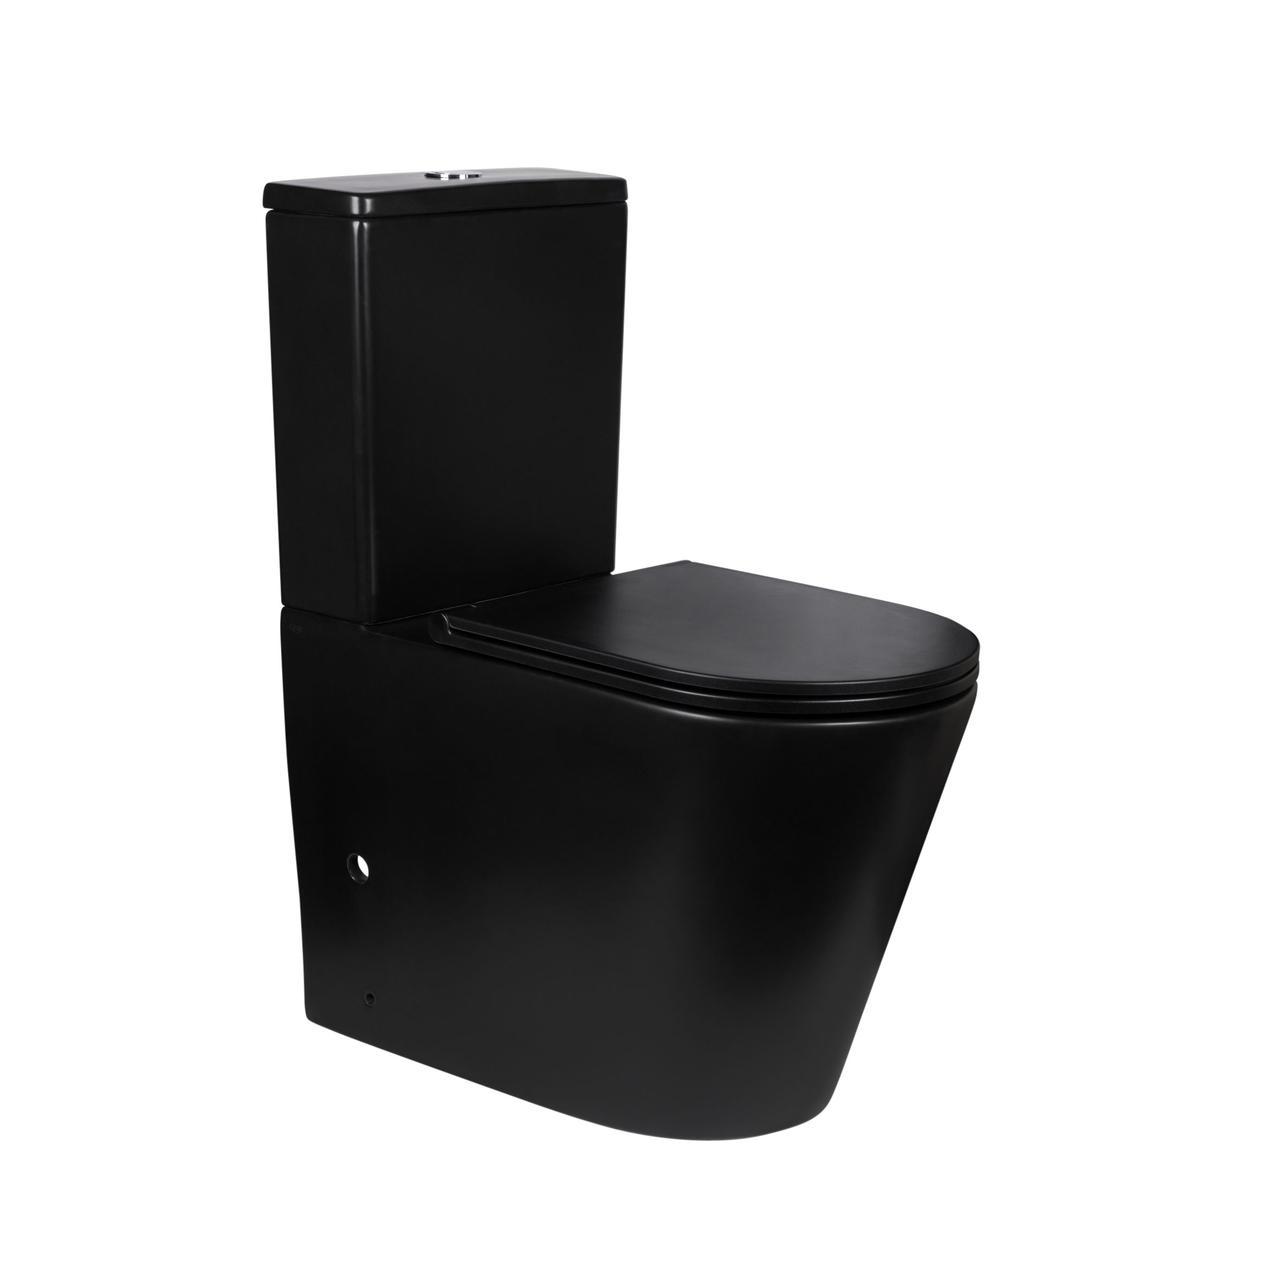 Унітаз-компакт Qtap Scorpio безободковый з сидінням Soft-close QT14222125ARMB